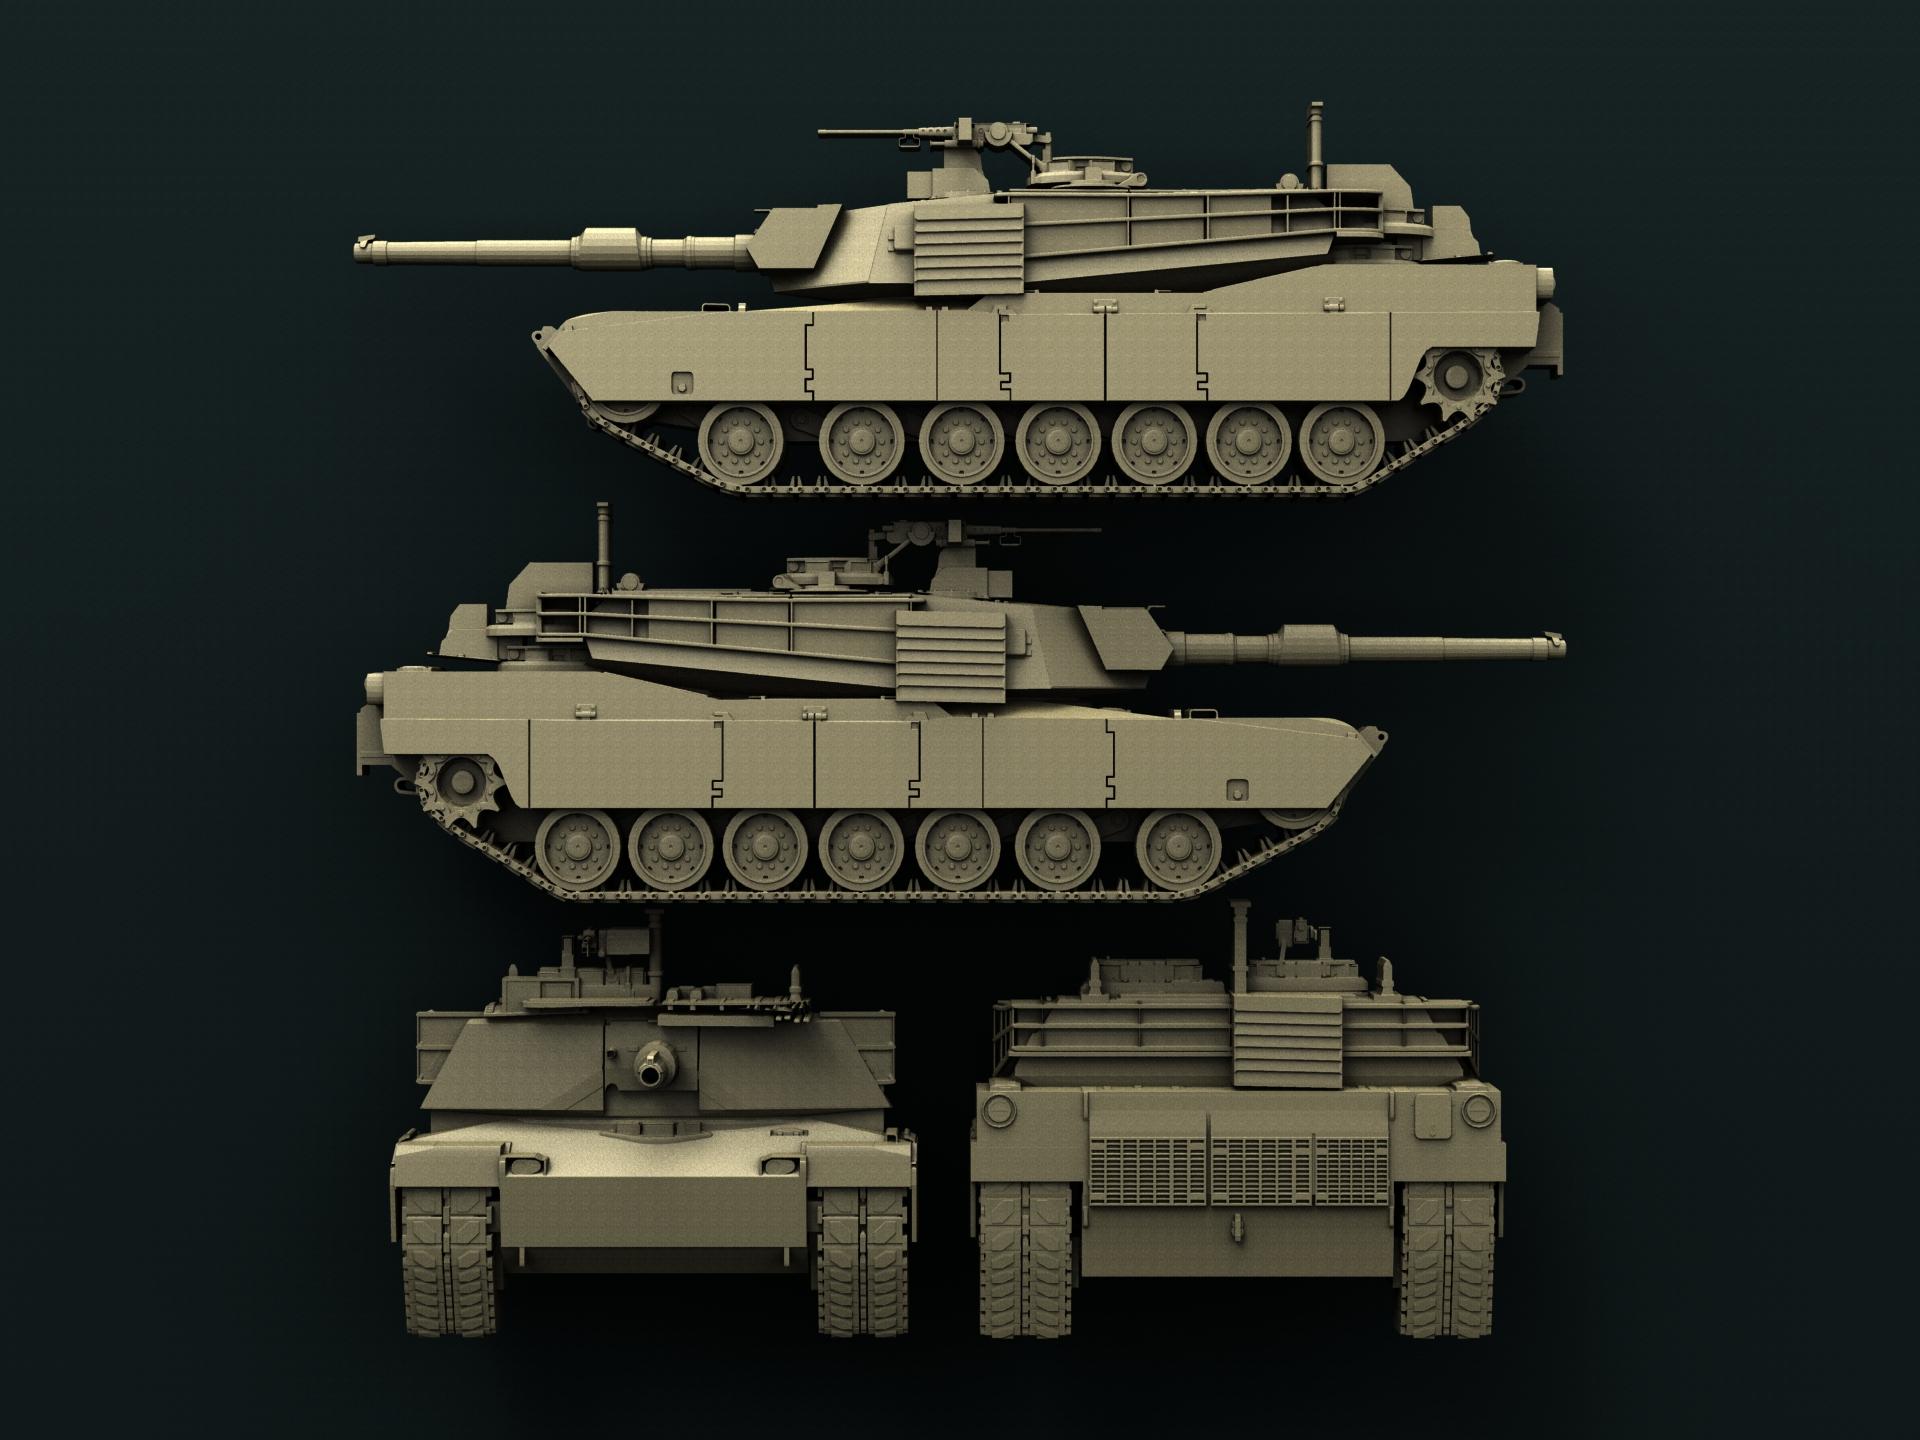 0394. Tanks